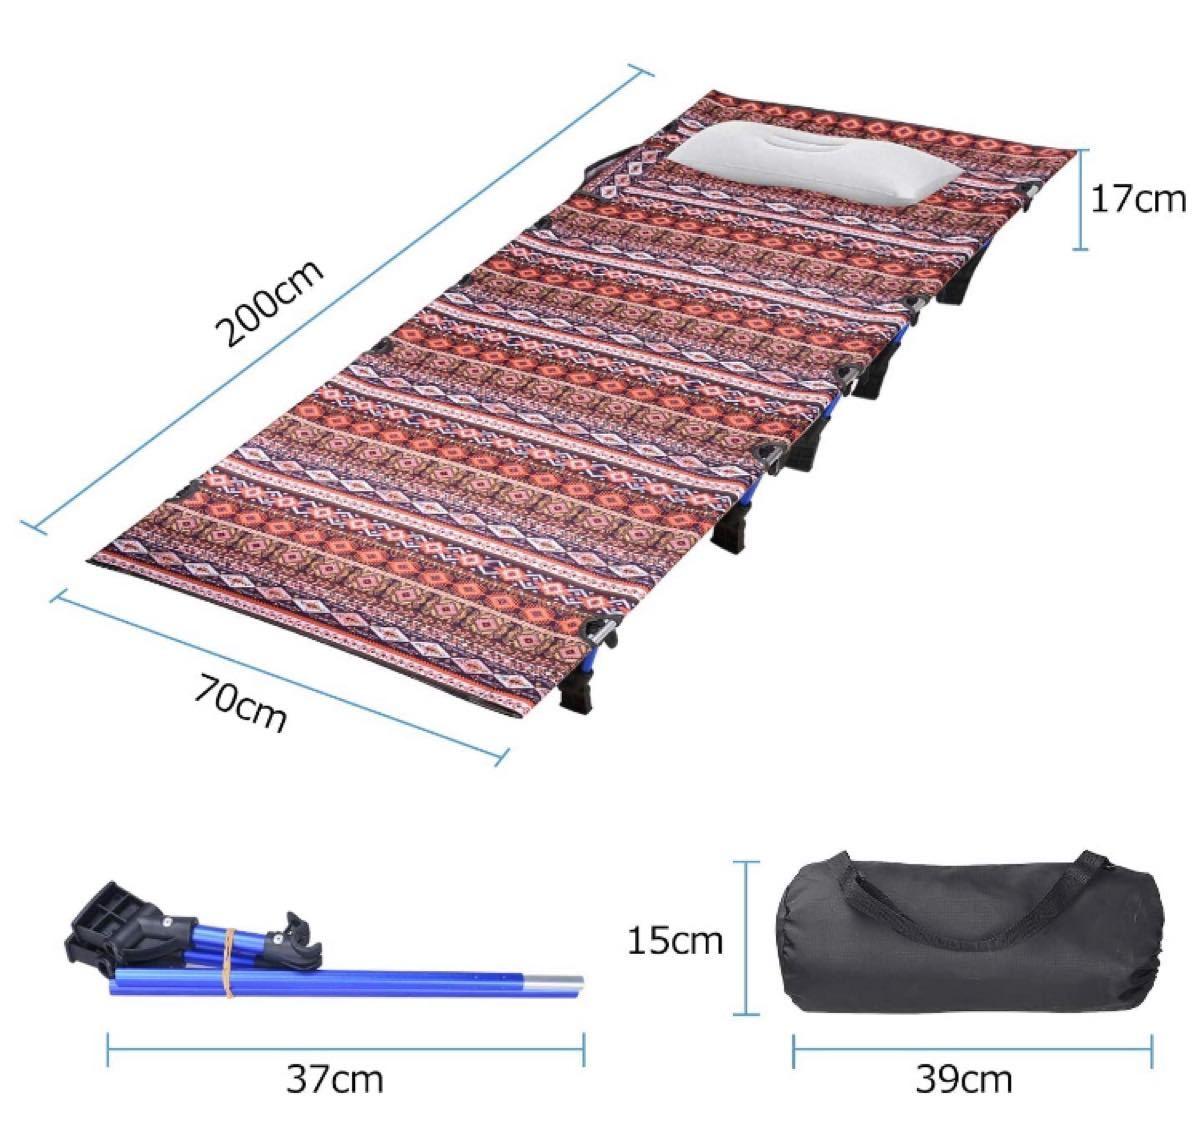 アウトドアベッド キャンプコット DINOKA 折り畳み式ベッド キャンピングベッド 耐荷重180KG 200×70×17 赤